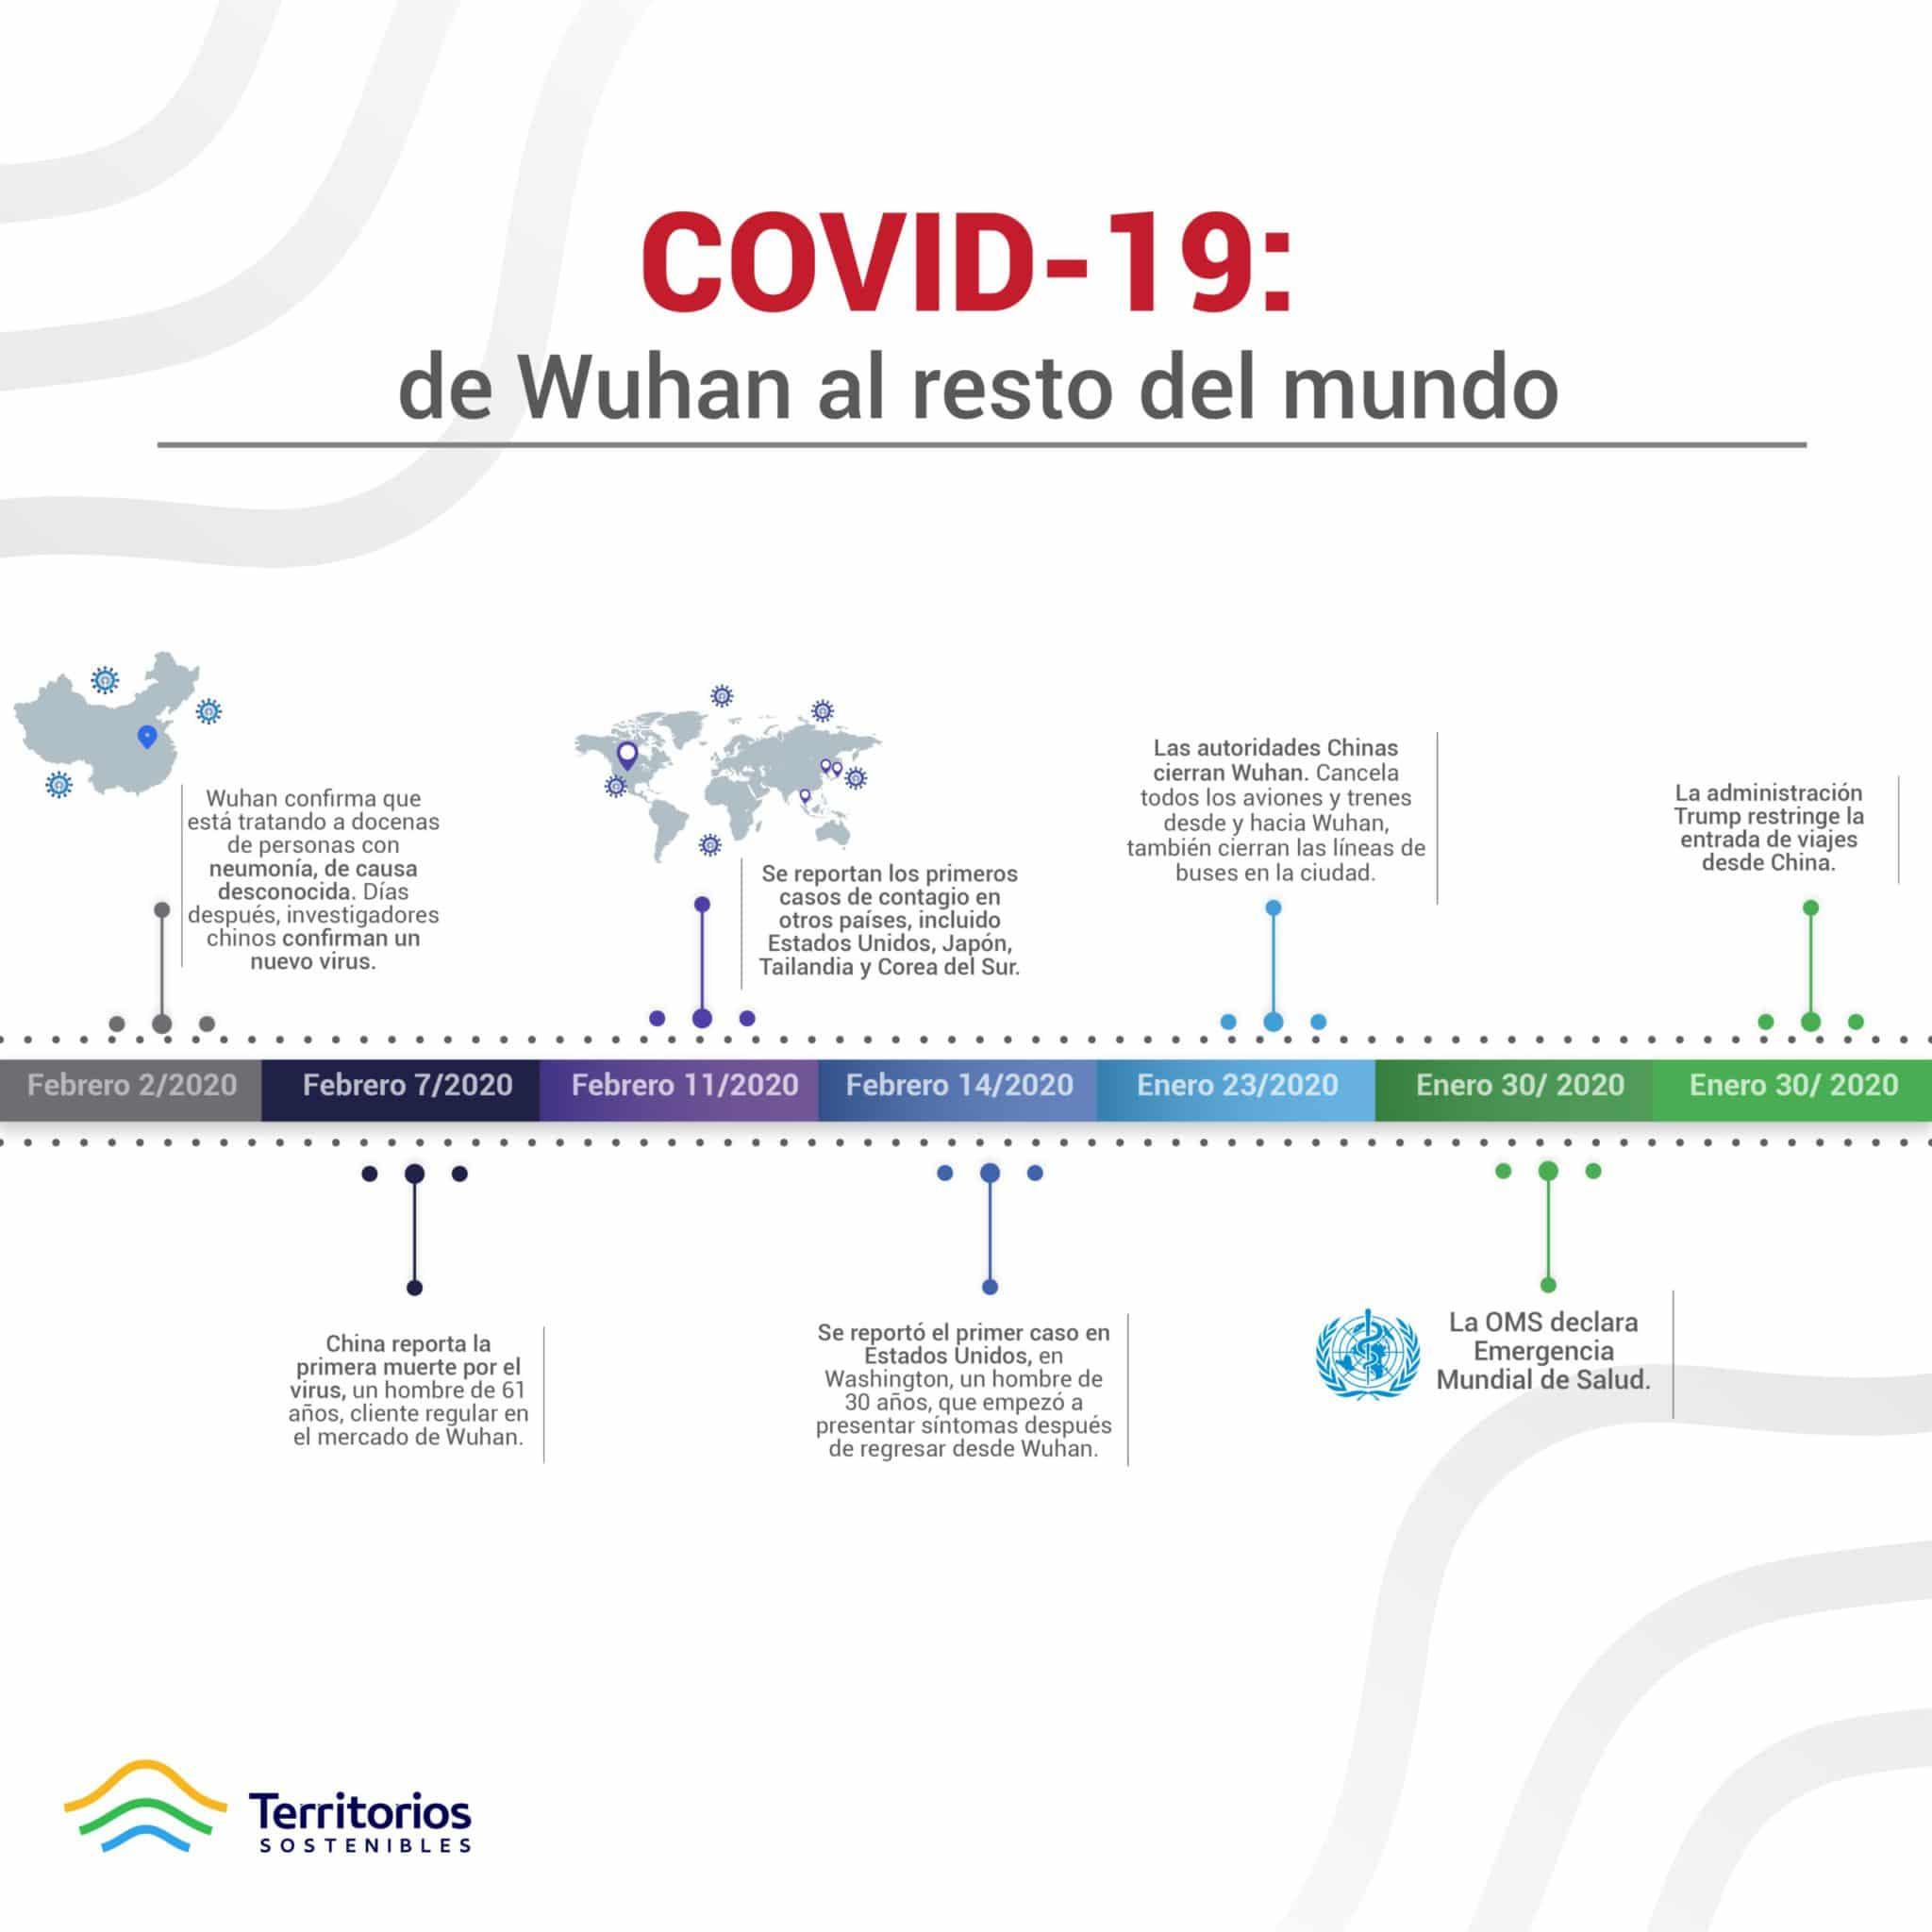 Línea de tiempo COVID-19